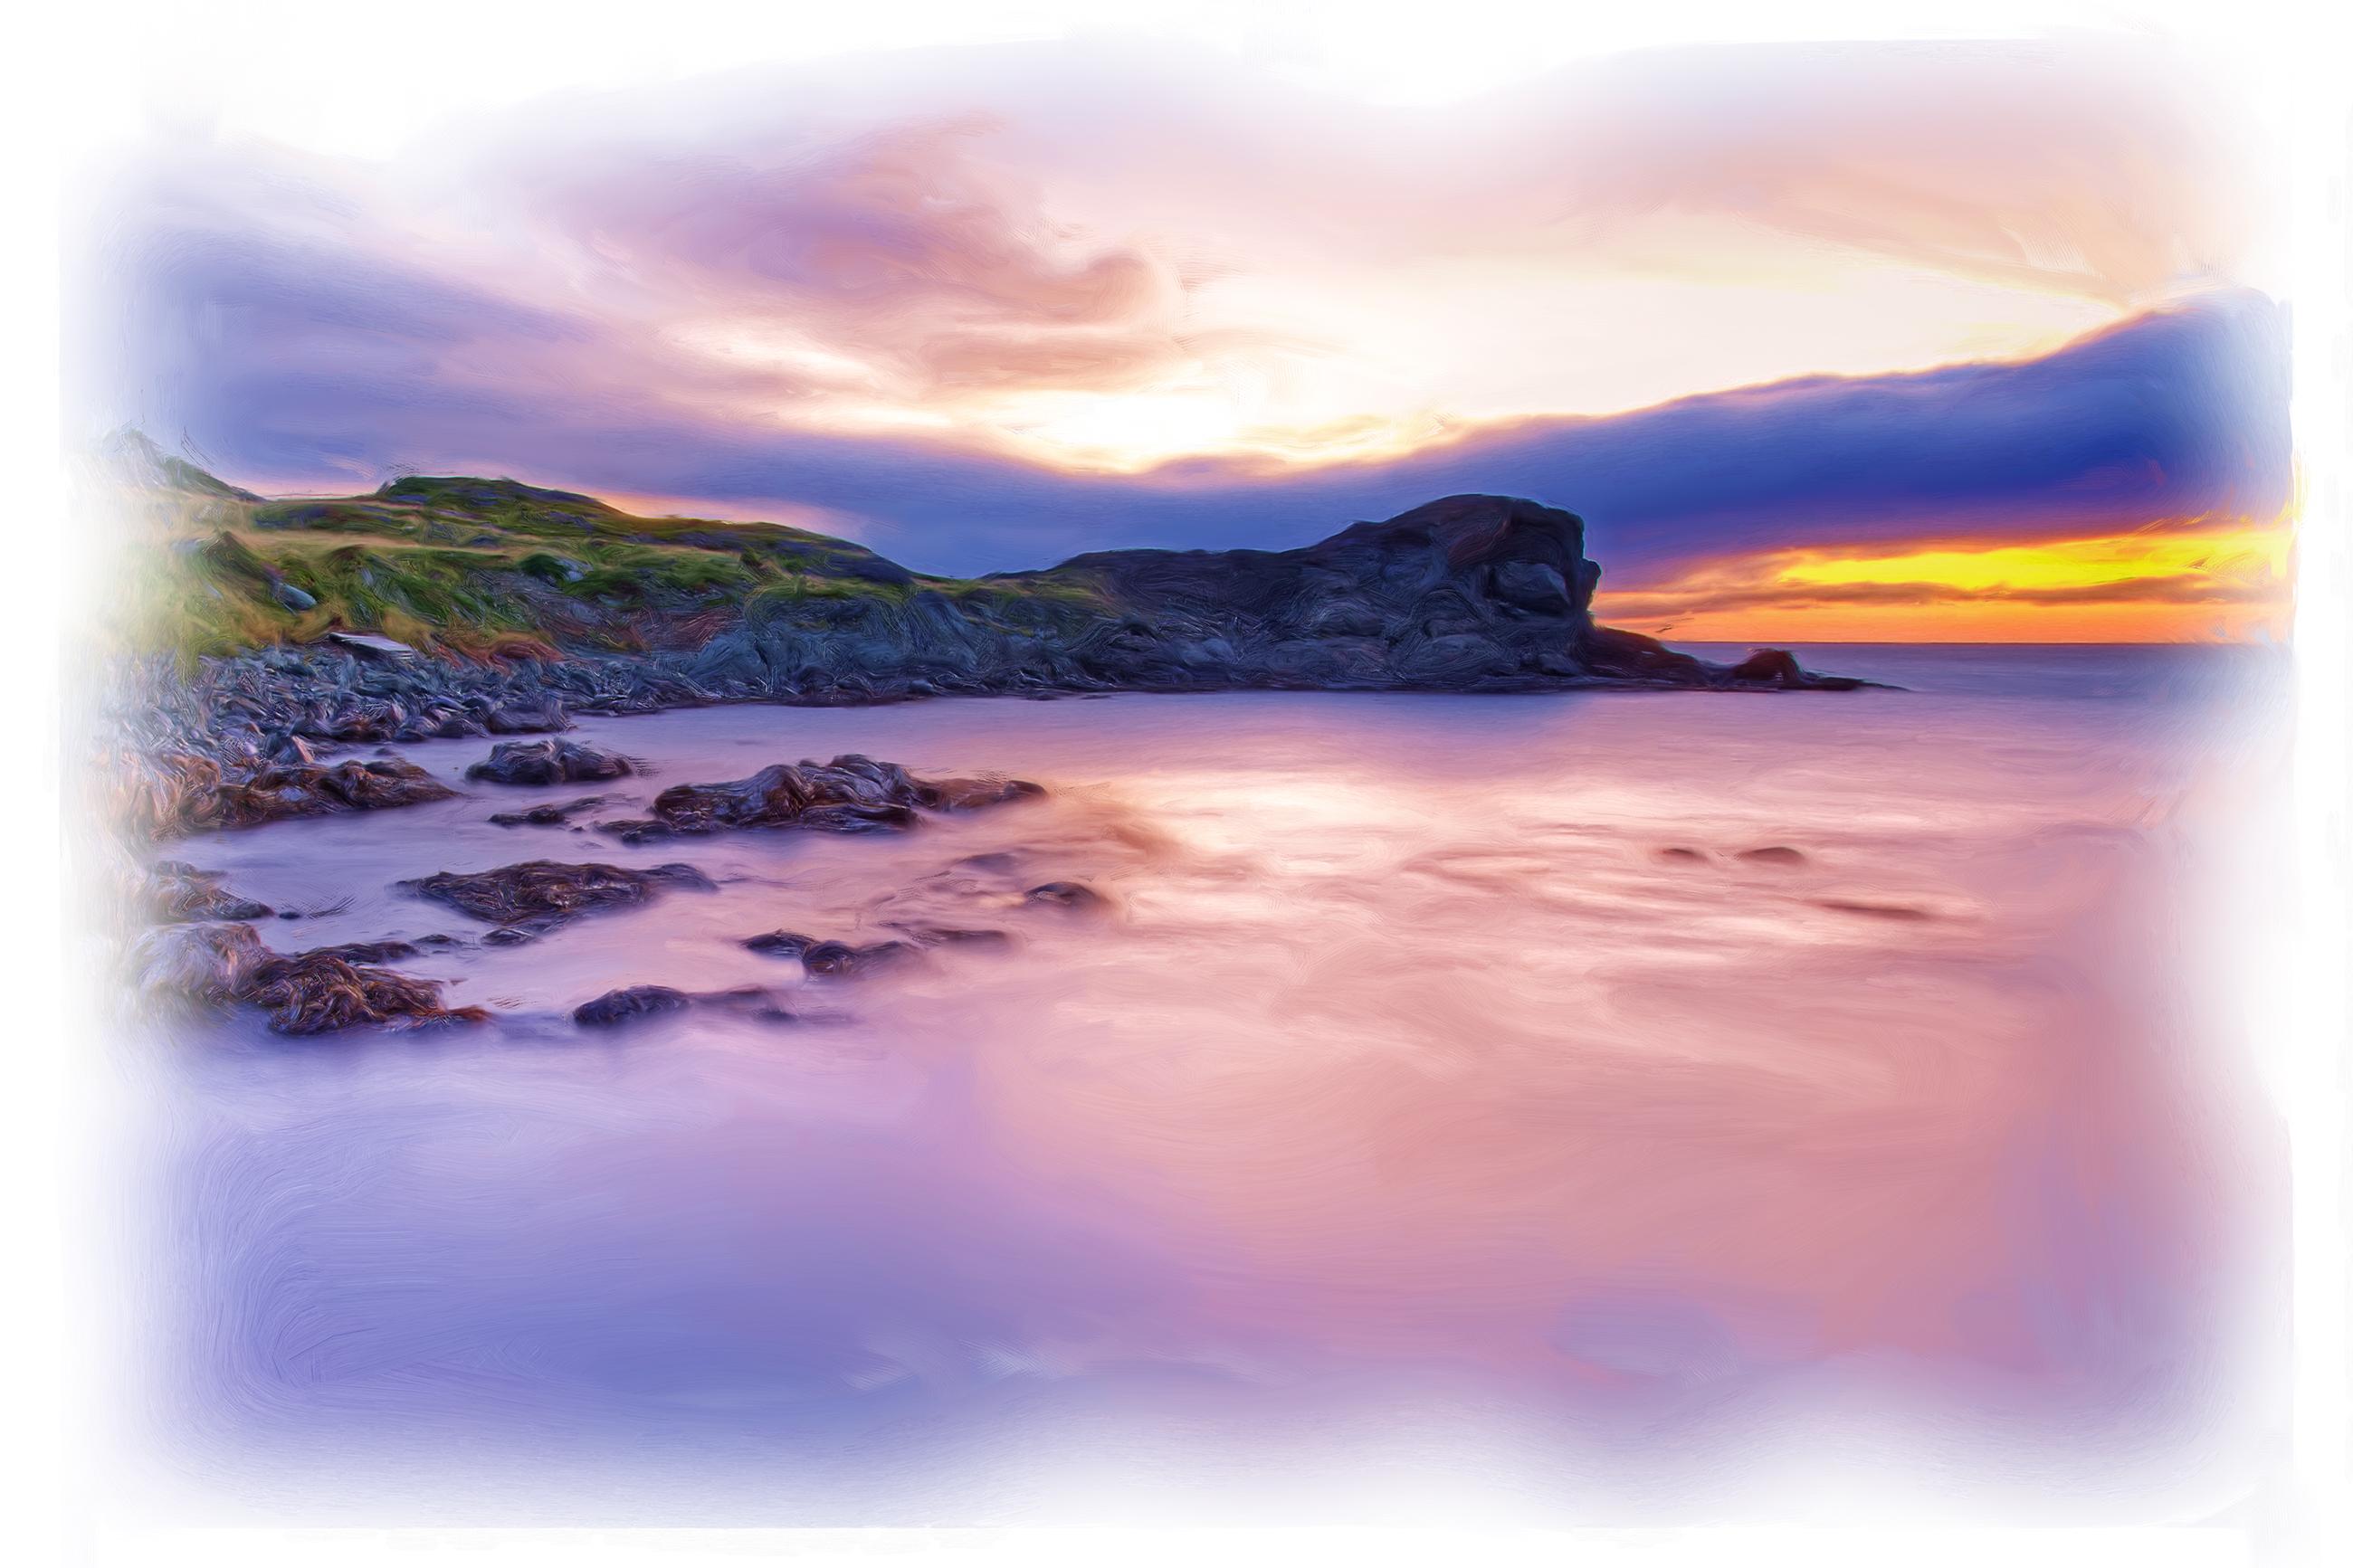 Oil painted shore landscape photo